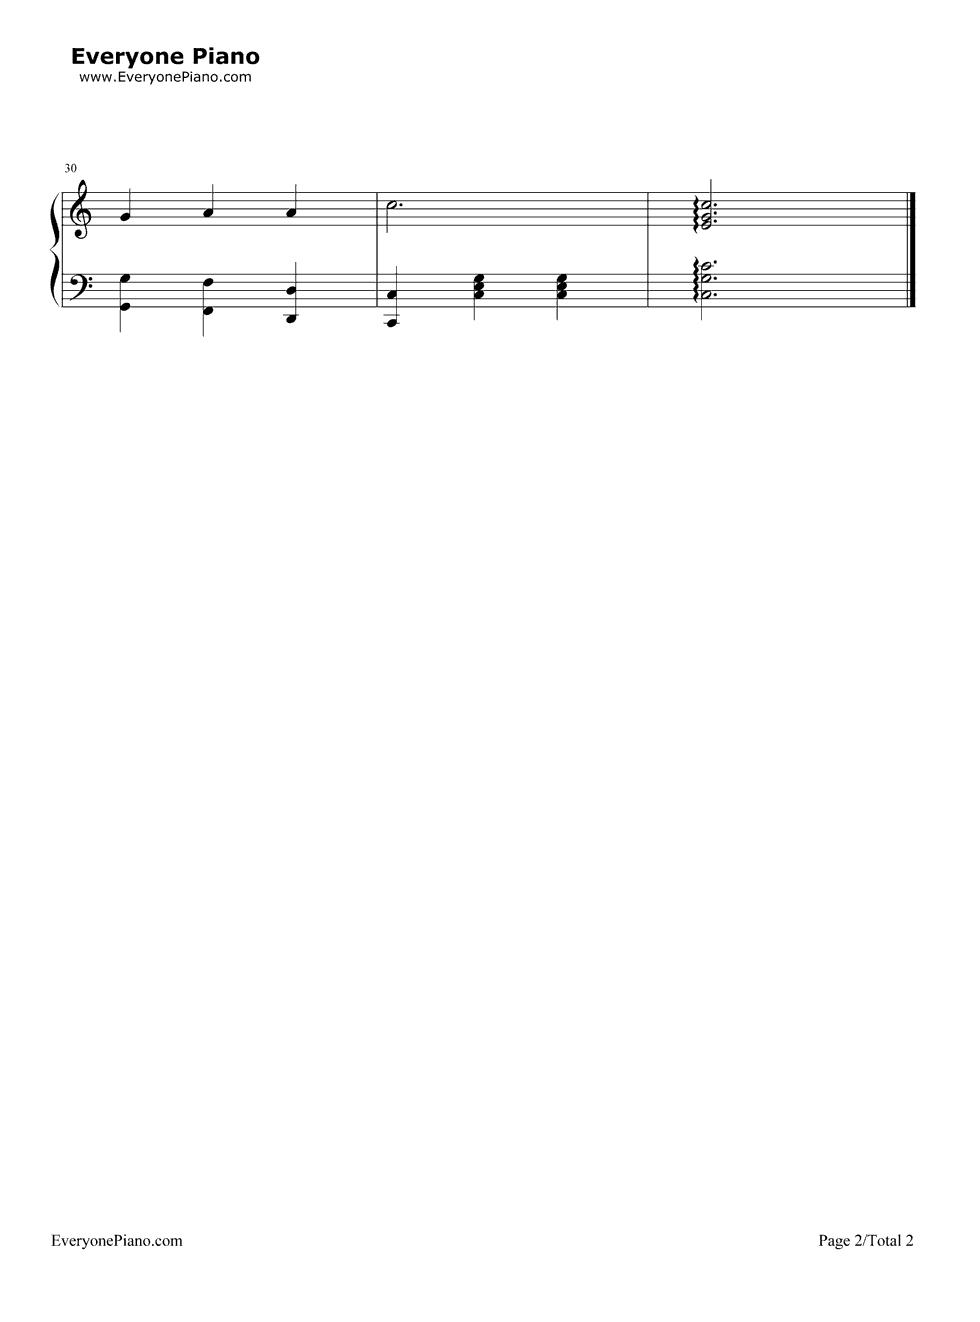 豆花之歌钢琴曲简谱-雪绒花 钢琴谱带歌词